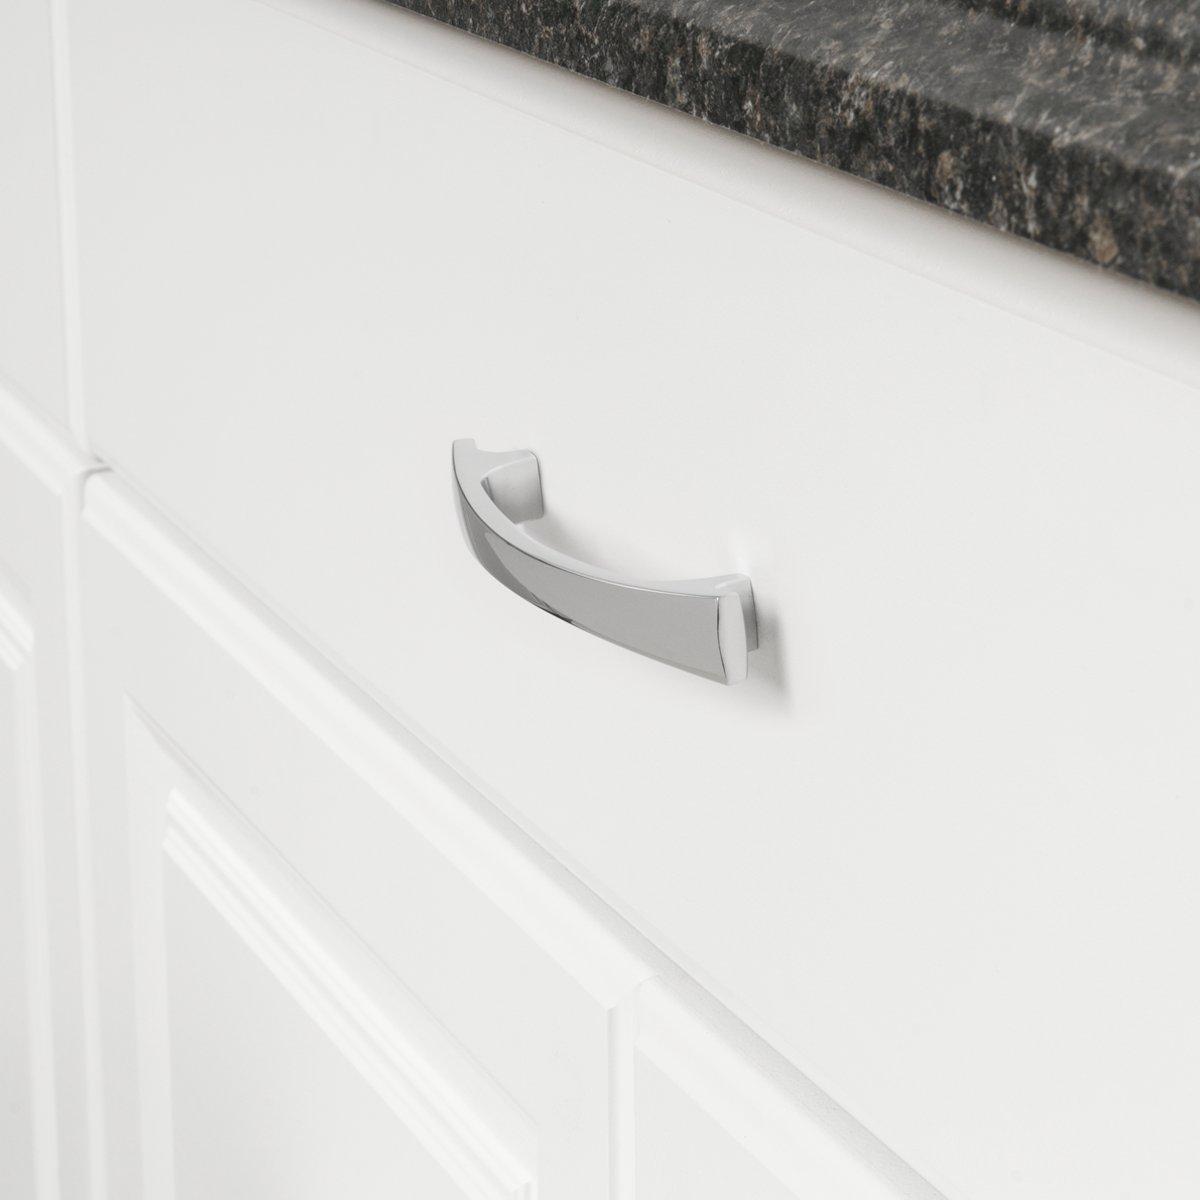 espacement des trous de 12,7 cm Chrome poli modernes et arrondies Longueur/: 16,51 cm Basics Lot de 10 poign/ées de placard /épaisses